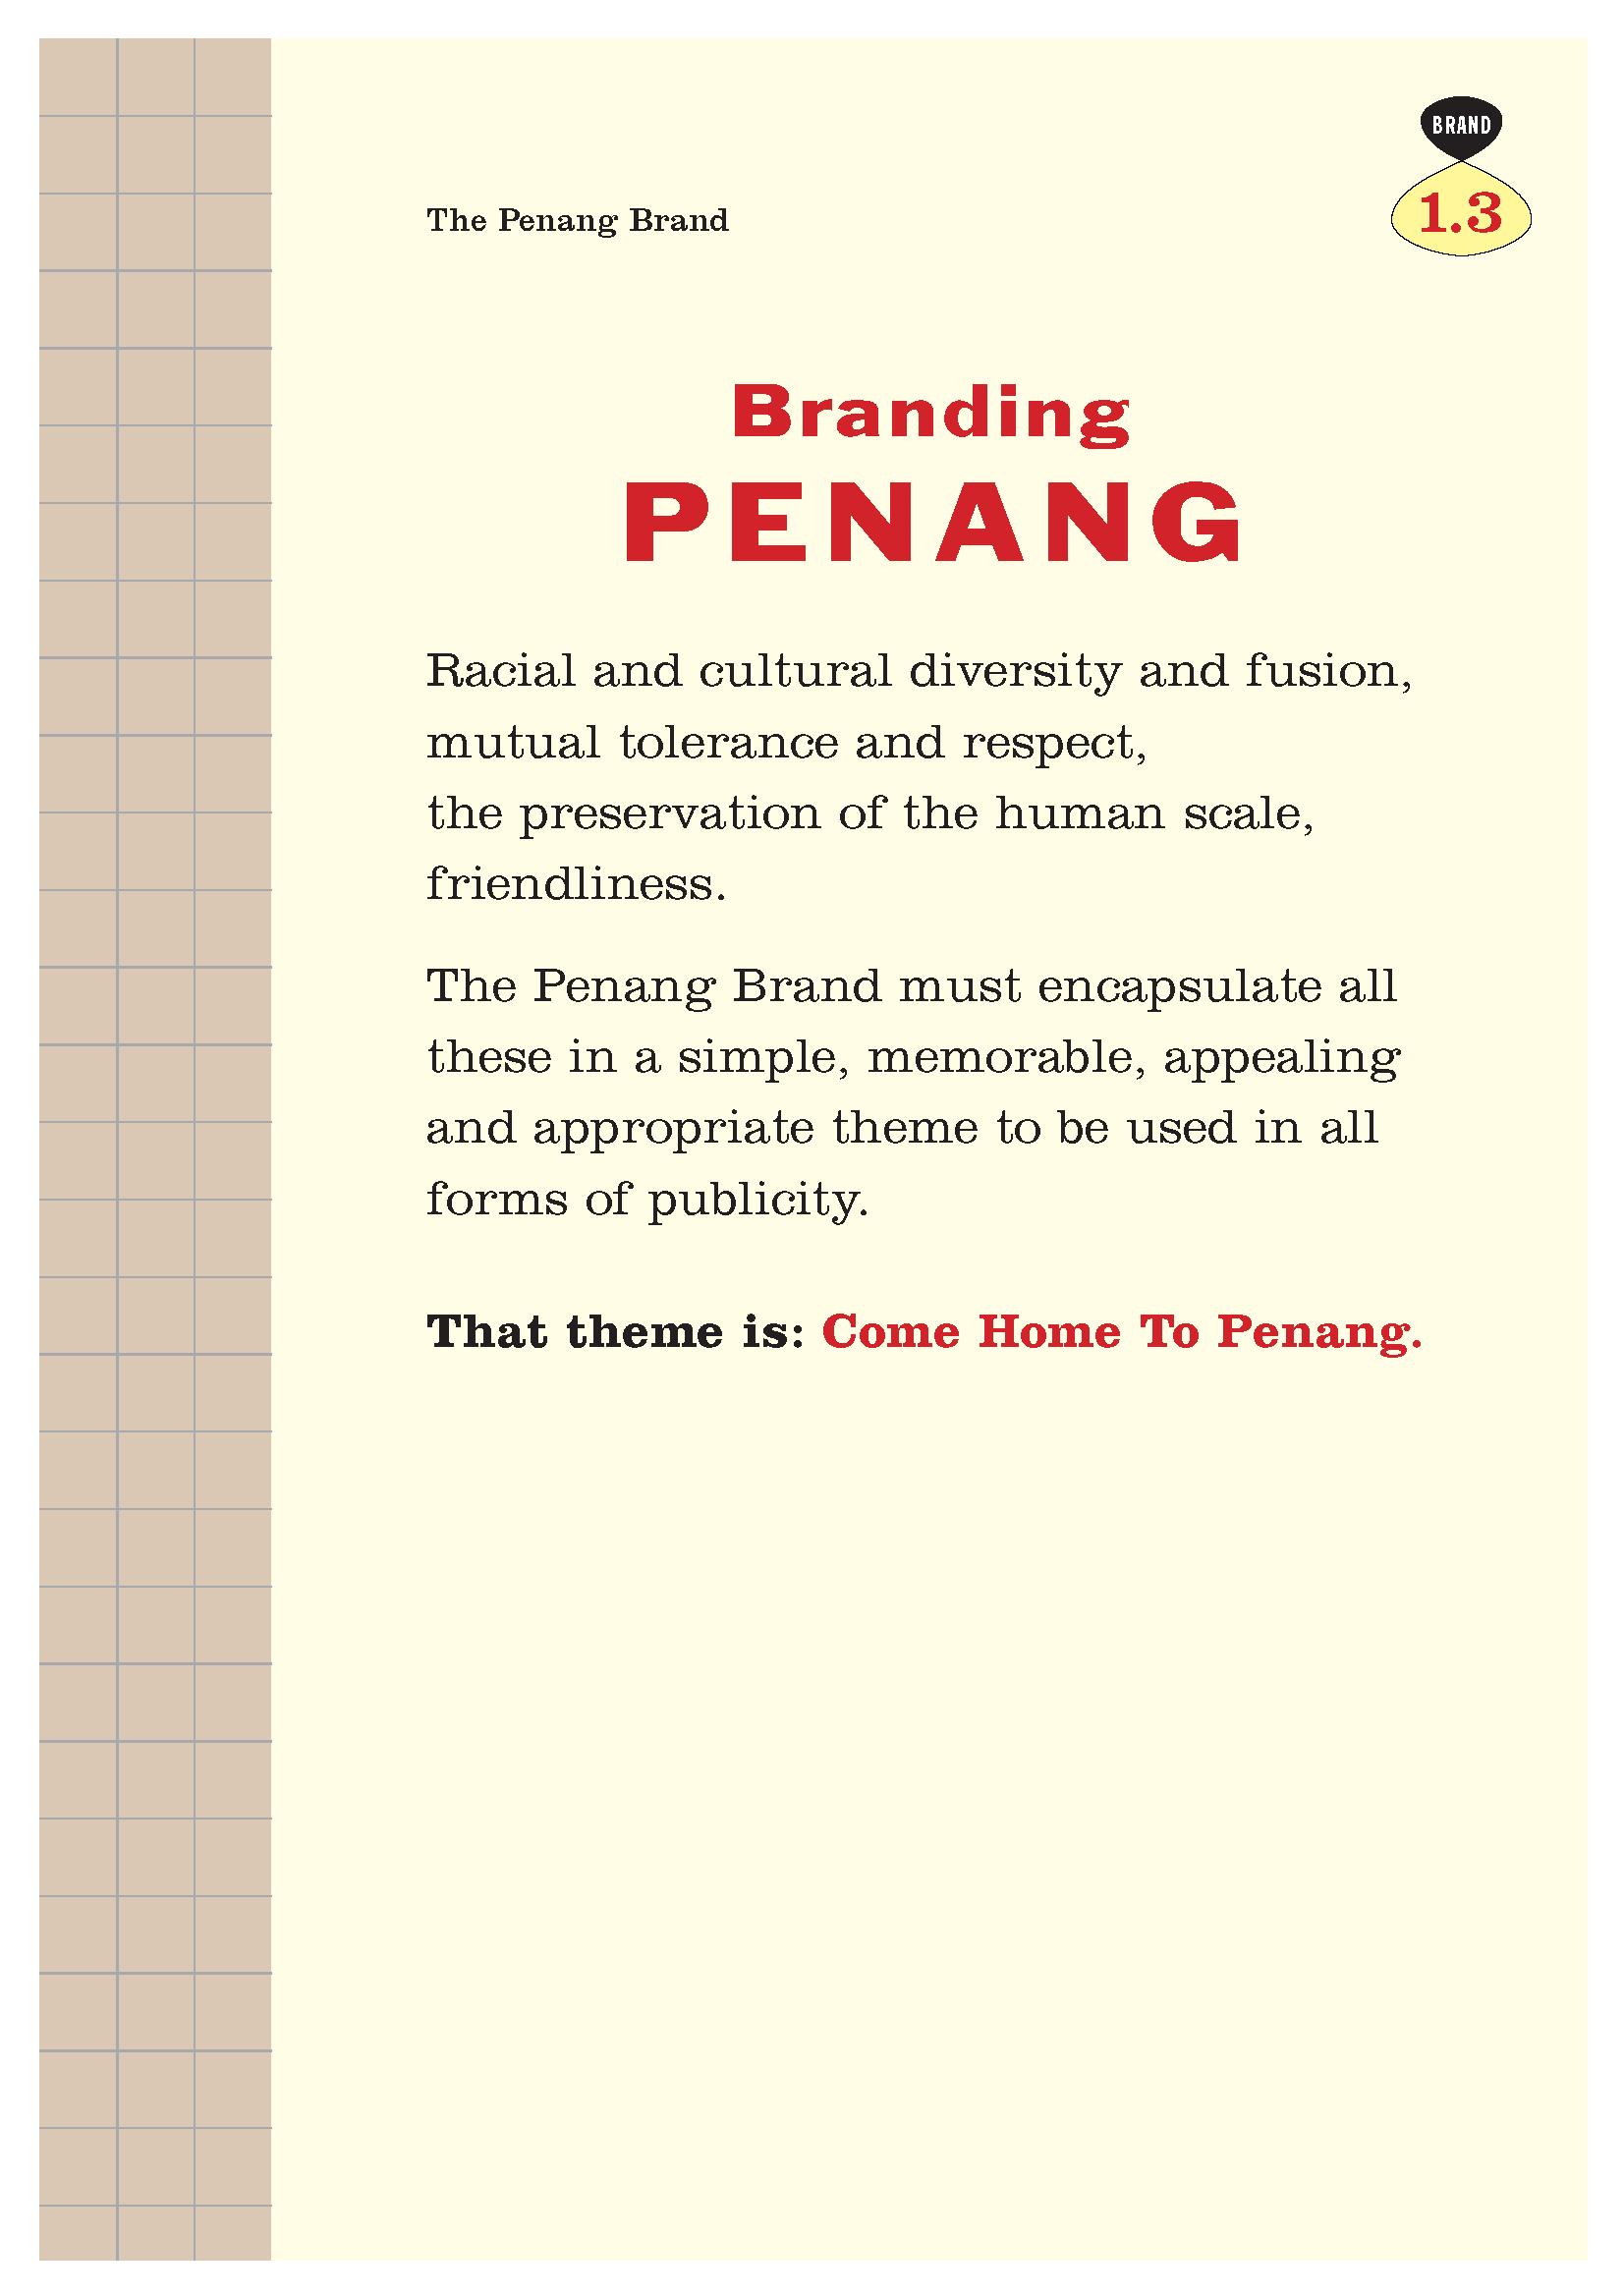 Penang_Interim Guide 5.png